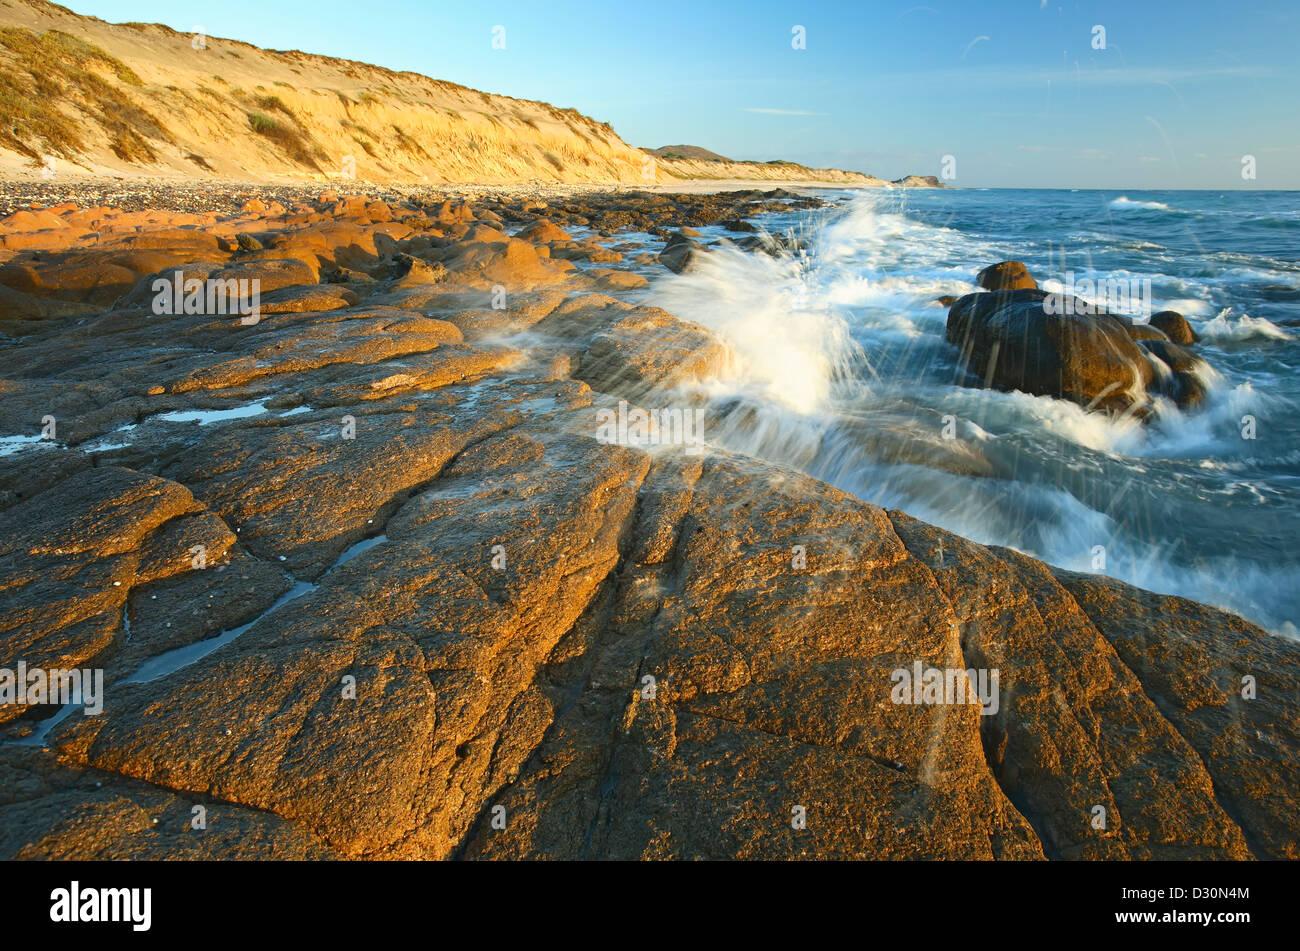 Vagues se briser sur les rochers de Cabo Pulmo, (sur la mer de Cortez), Baja California Sur, Mexique Photo Stock